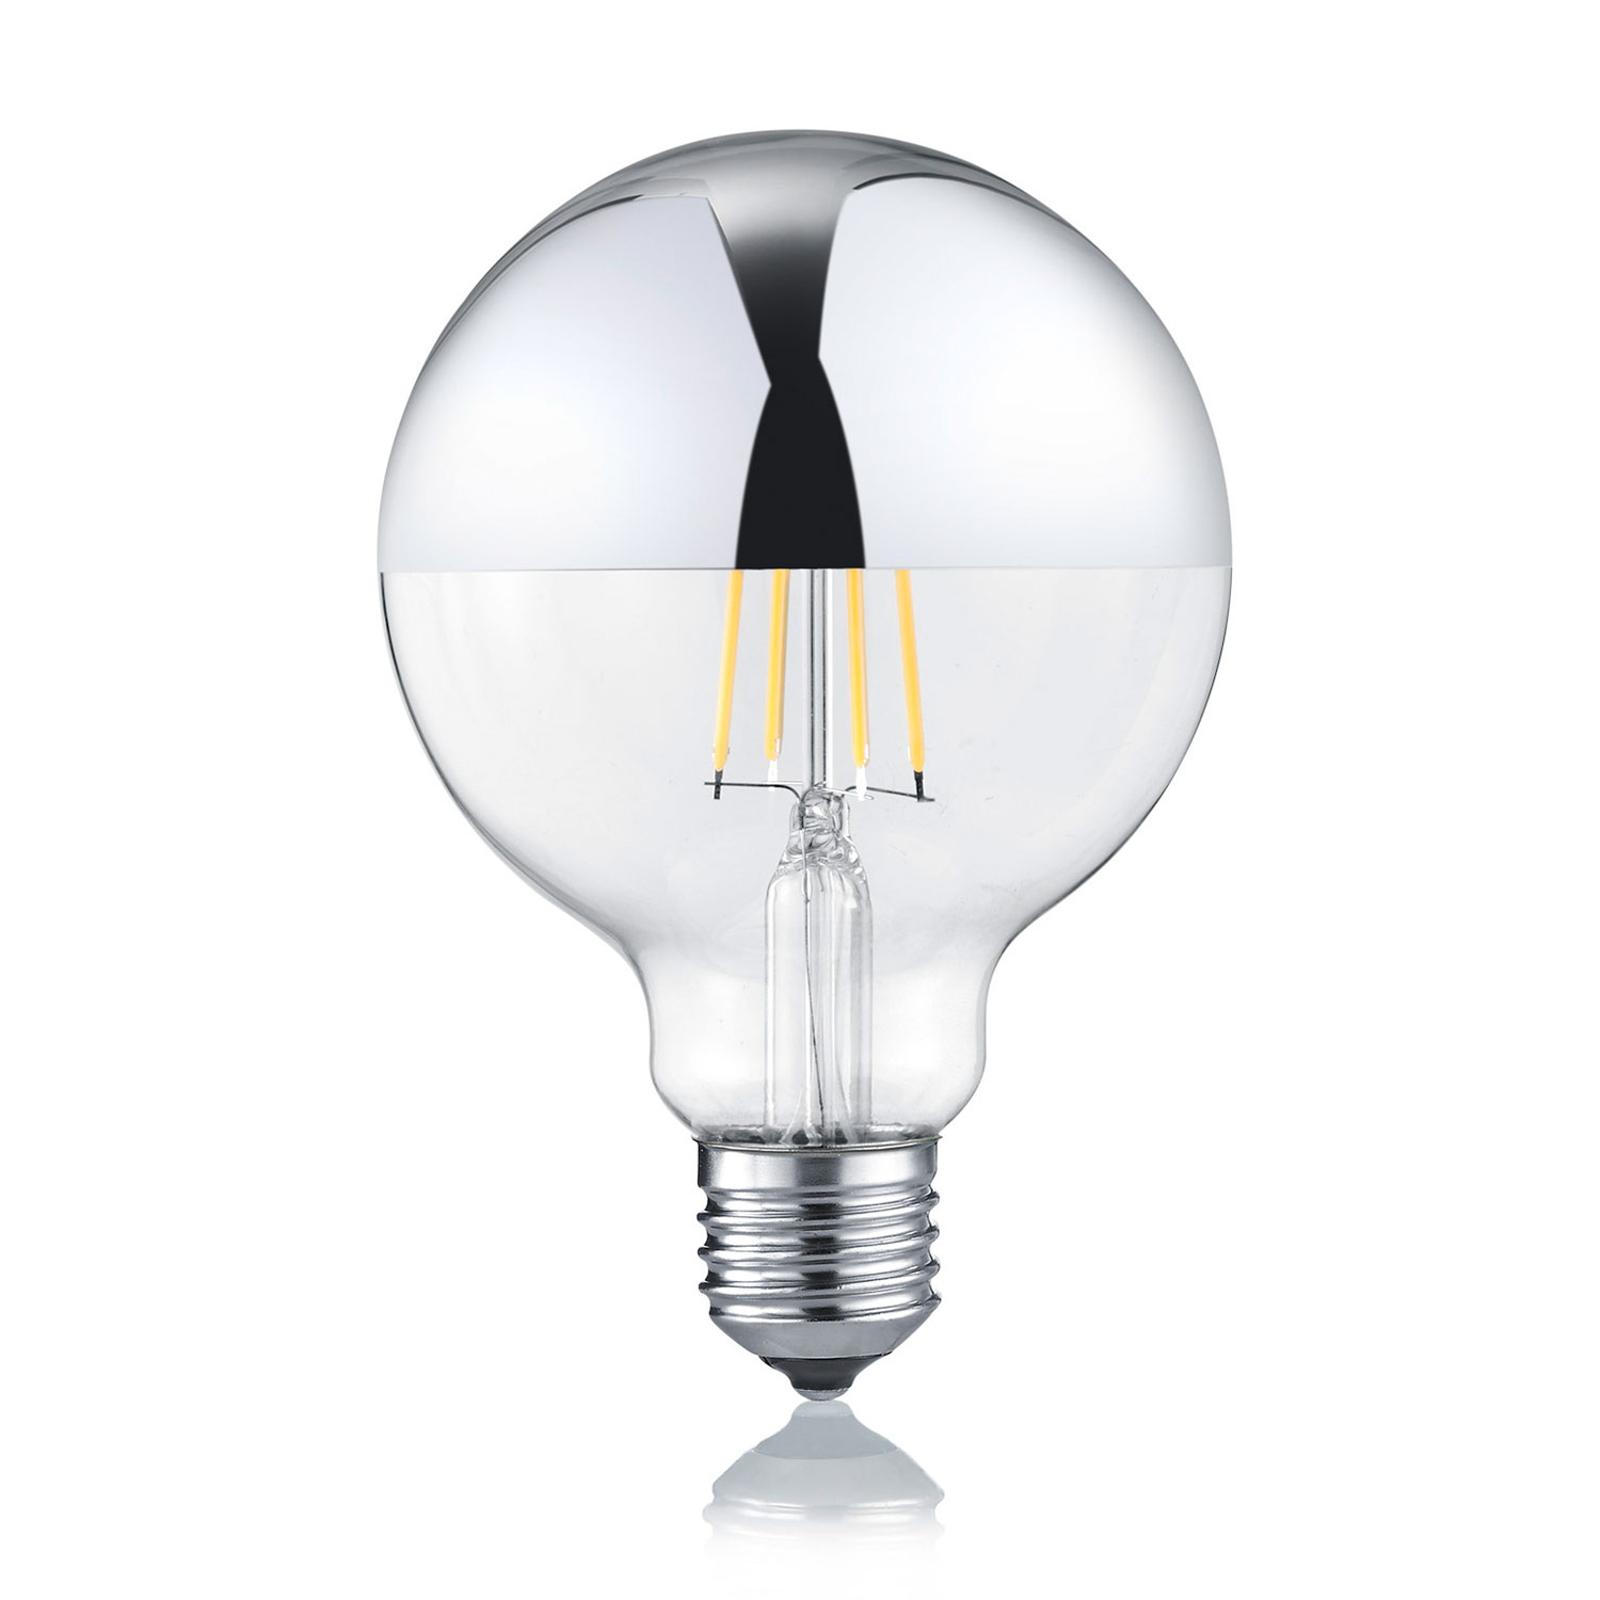 LED-Globelampe E27 7W 2.700K dimmbar Spiegelkopf